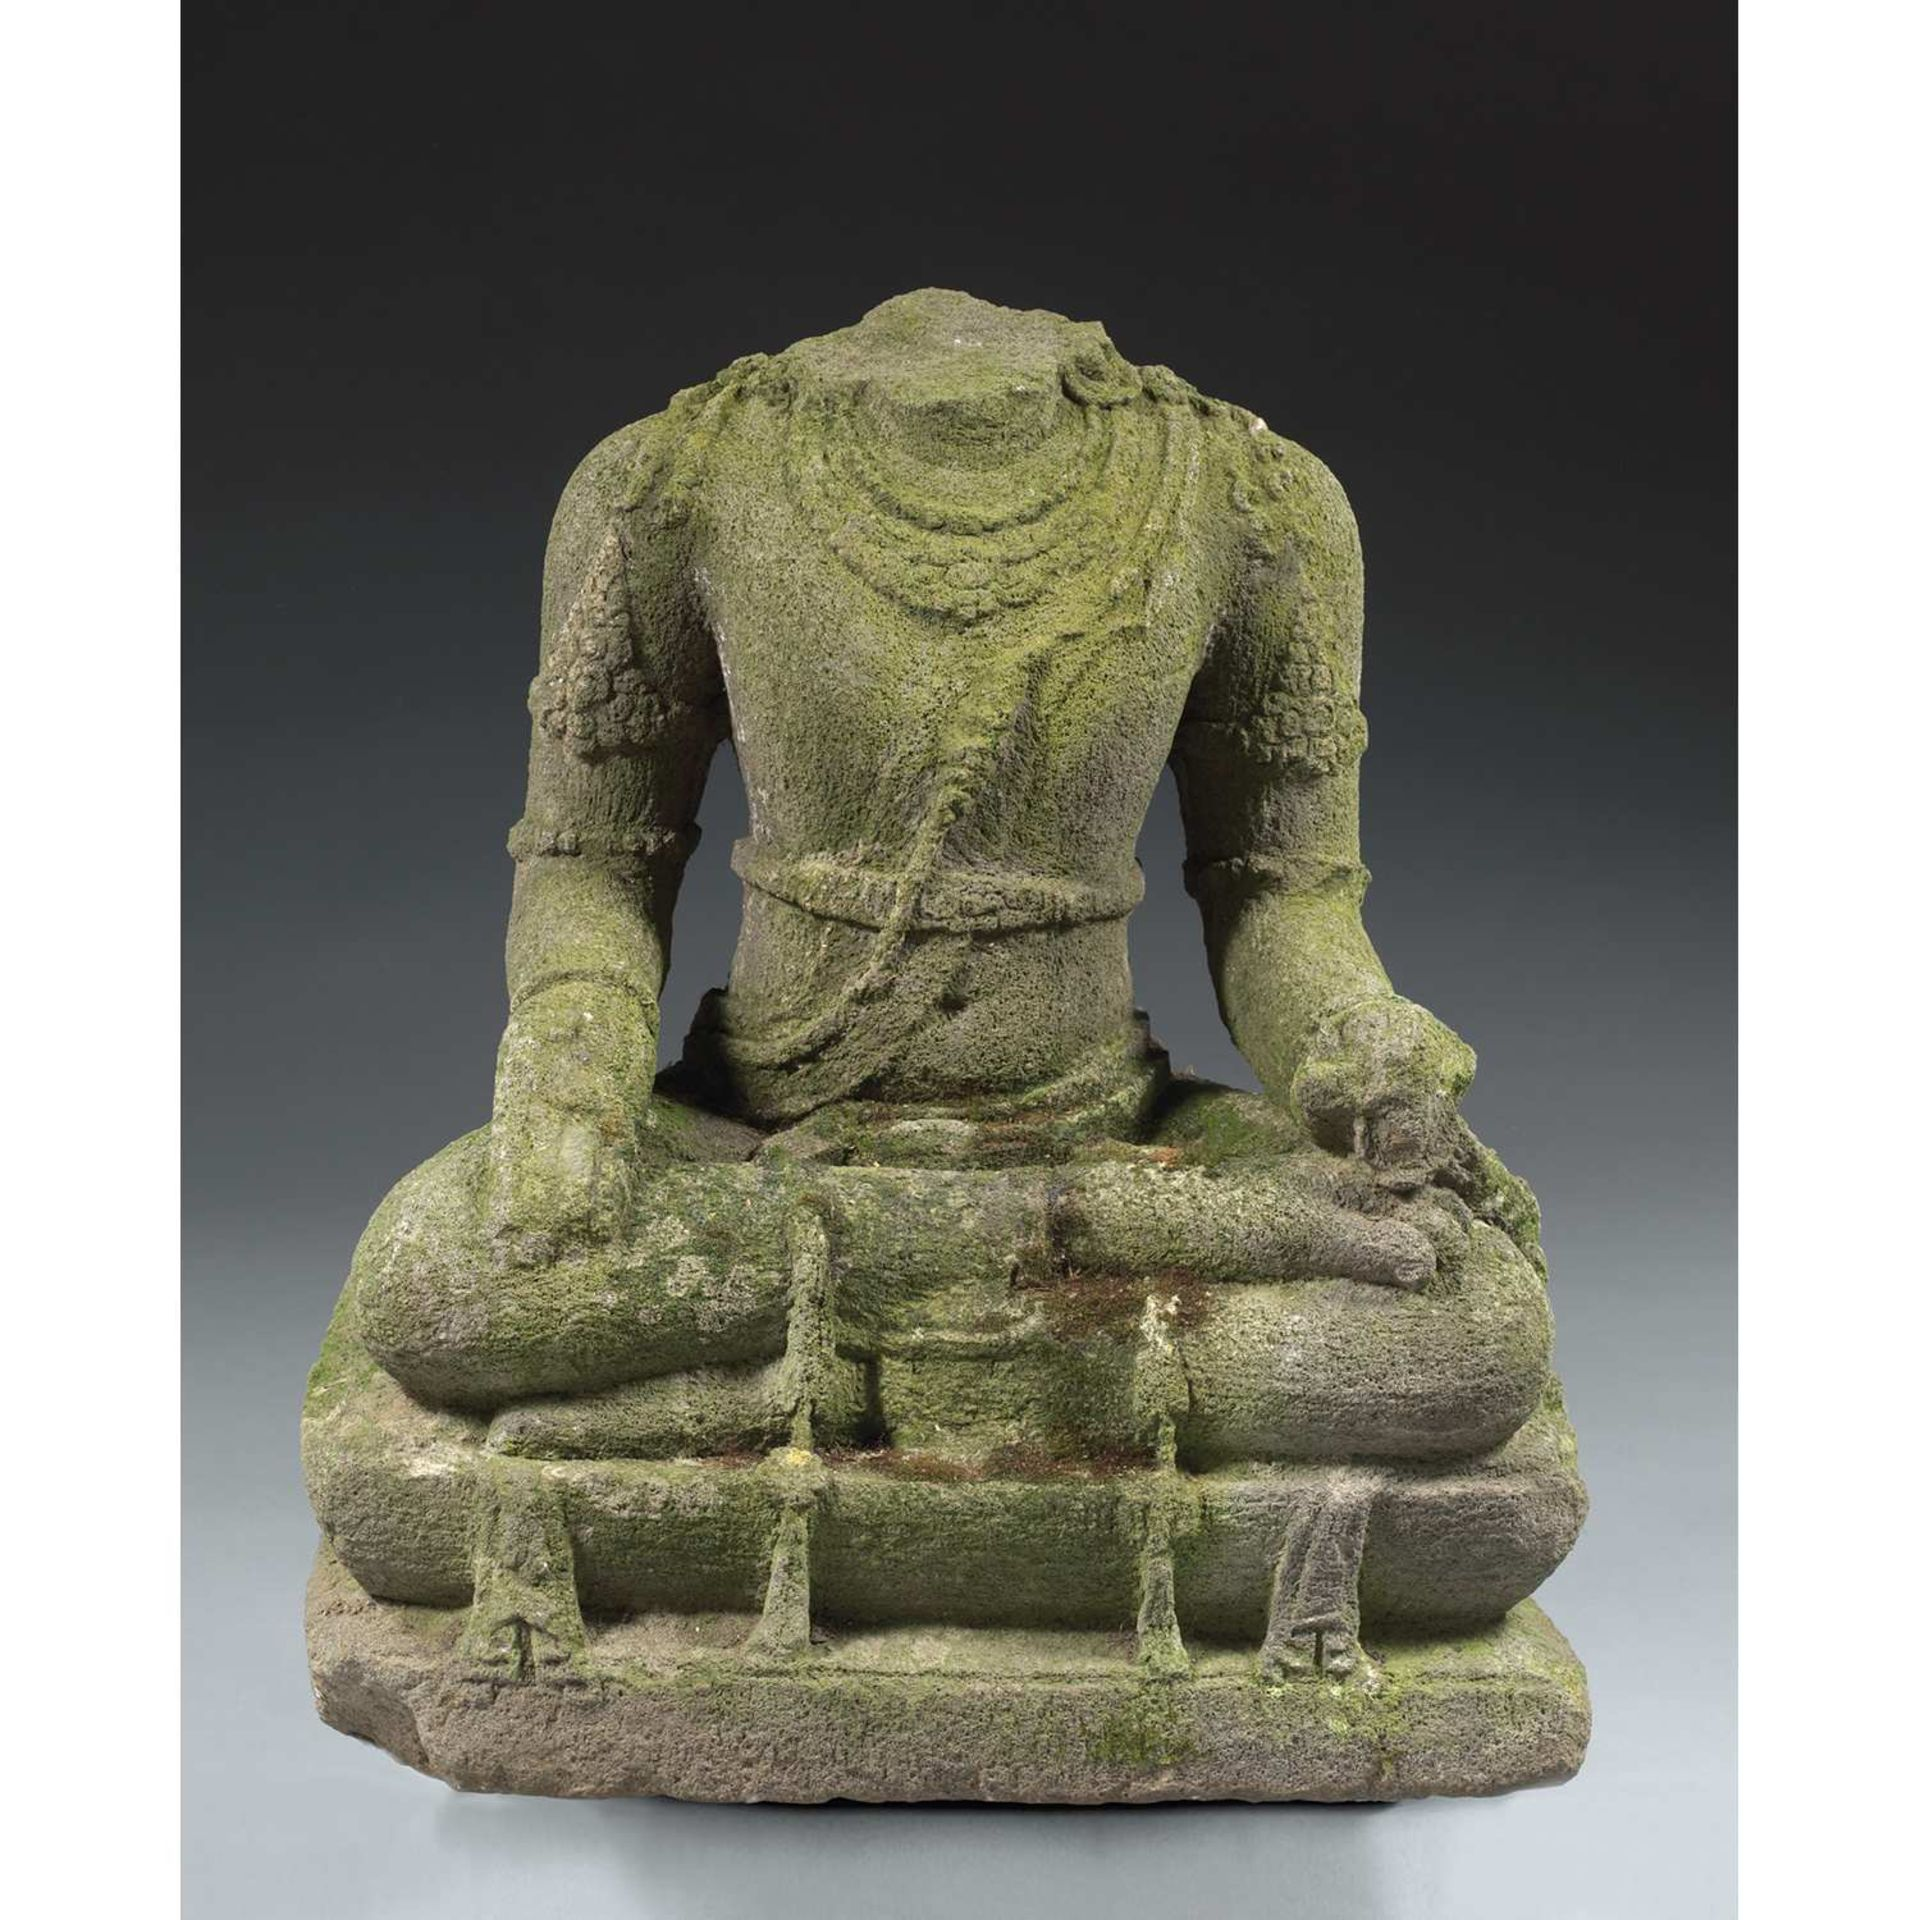 GRANDE STATUE DE BODHISATTVA en pierre volcanique, représenté assis en dhyanasana sur une terrasse à